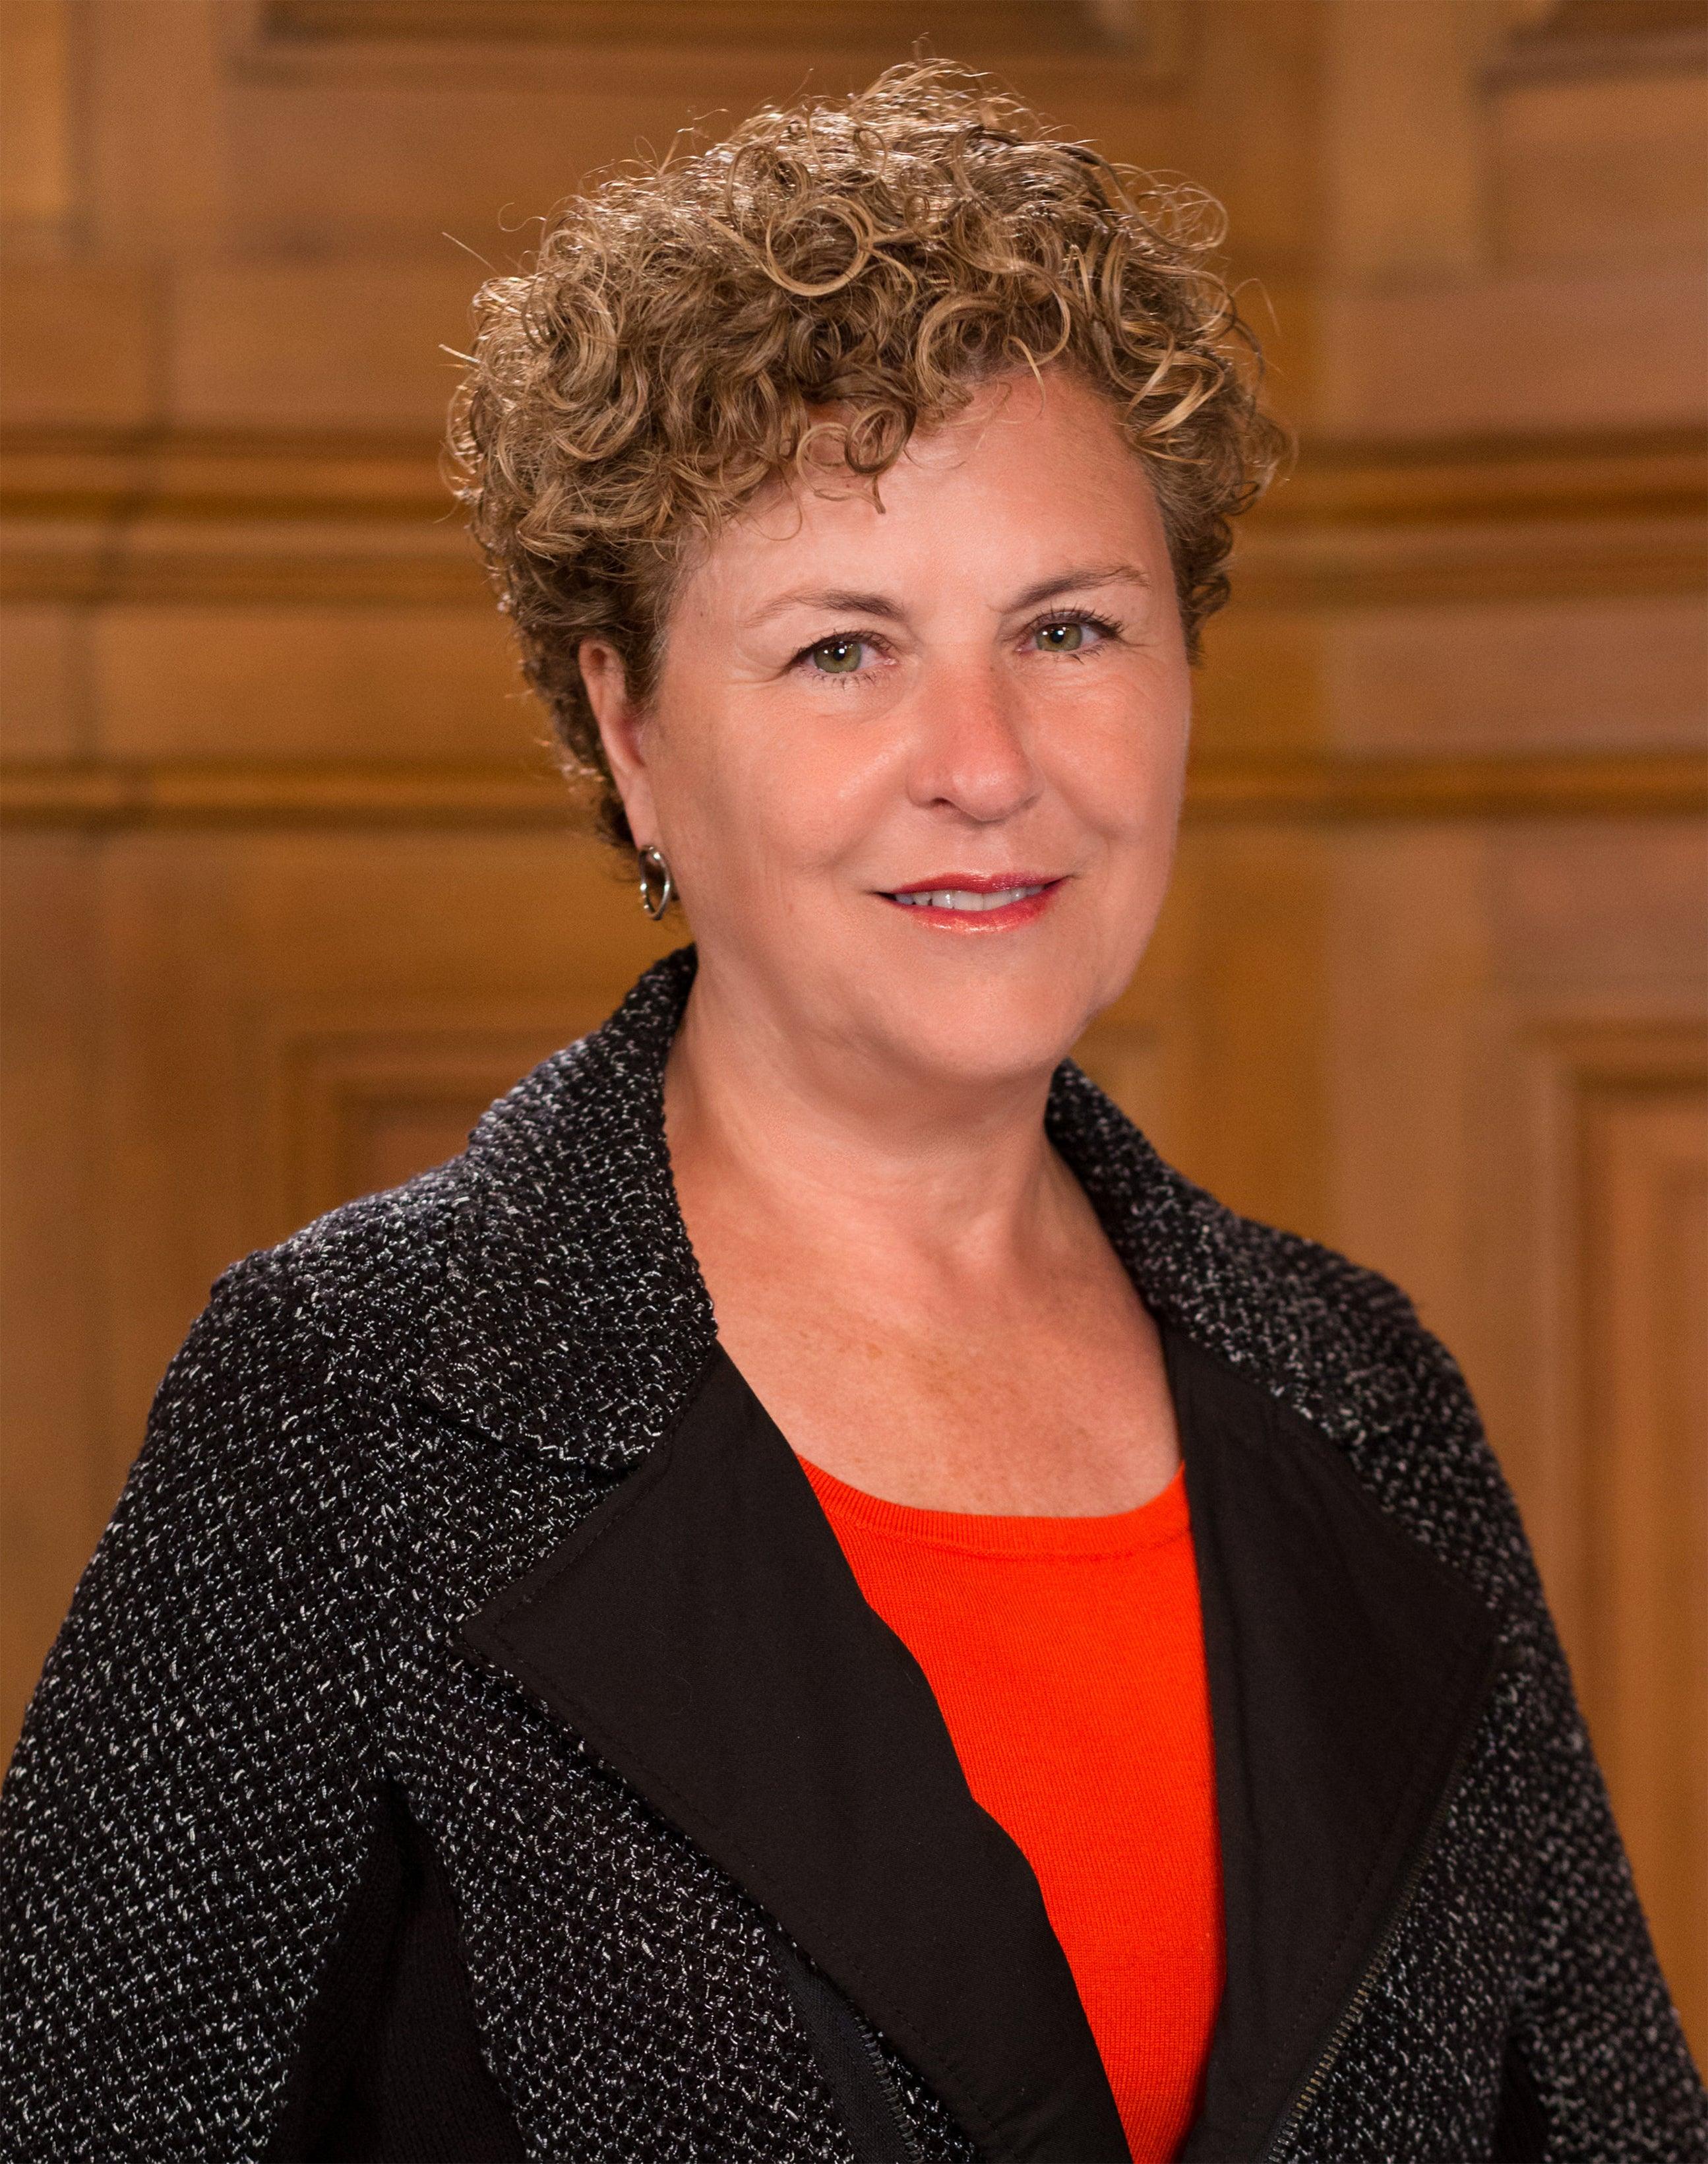 Julie Christensen Net Worth